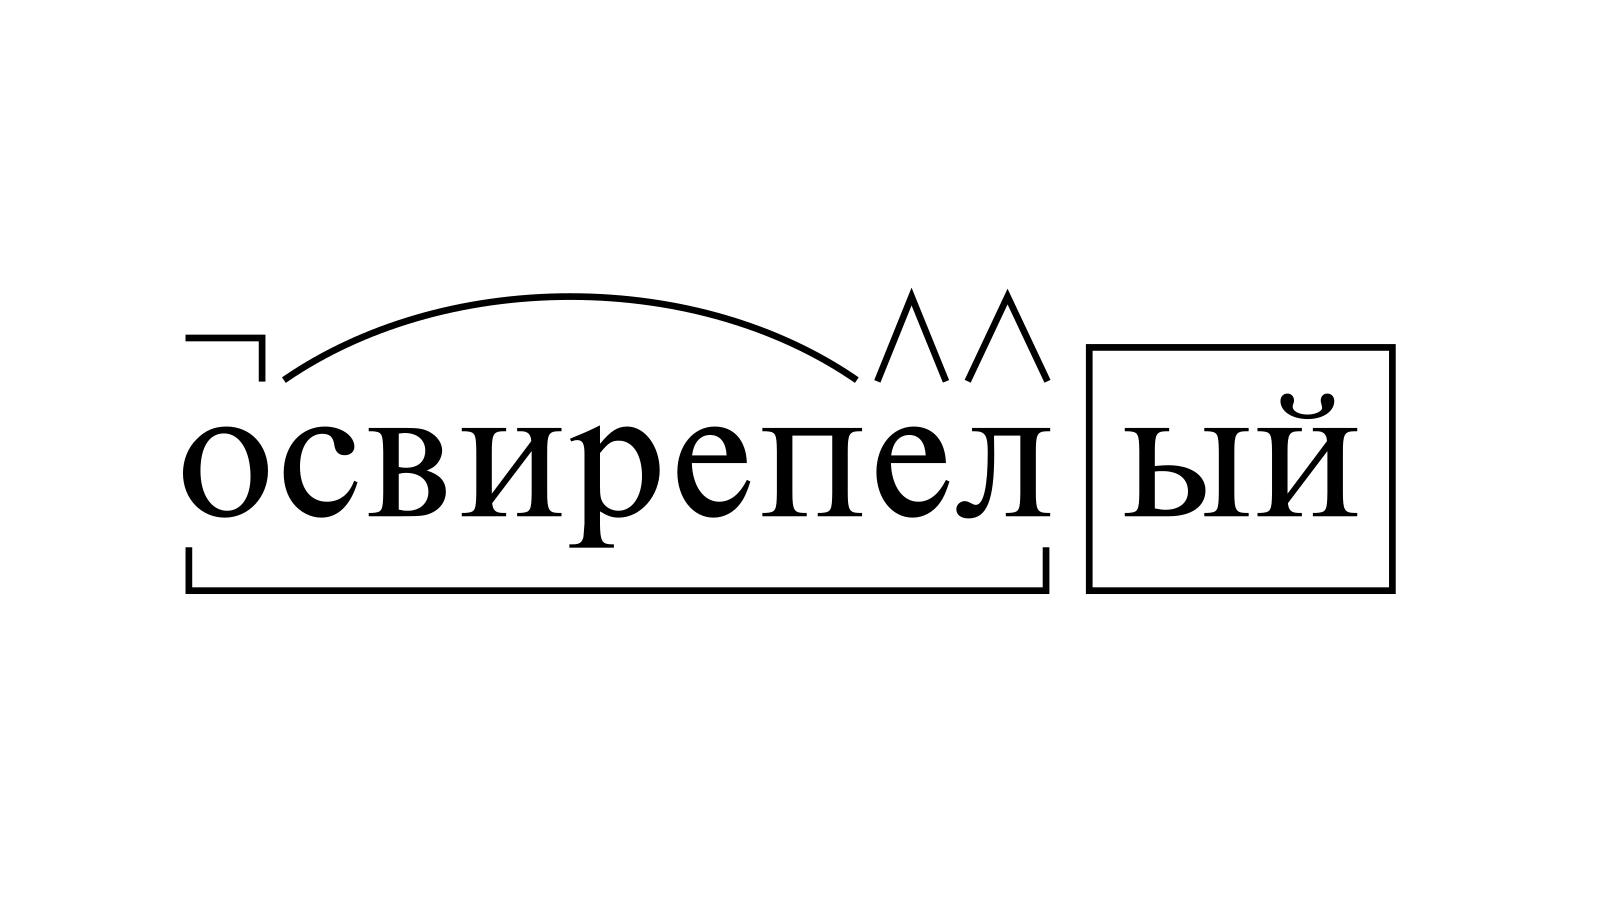 Разбор слова «освирепелый» по составу